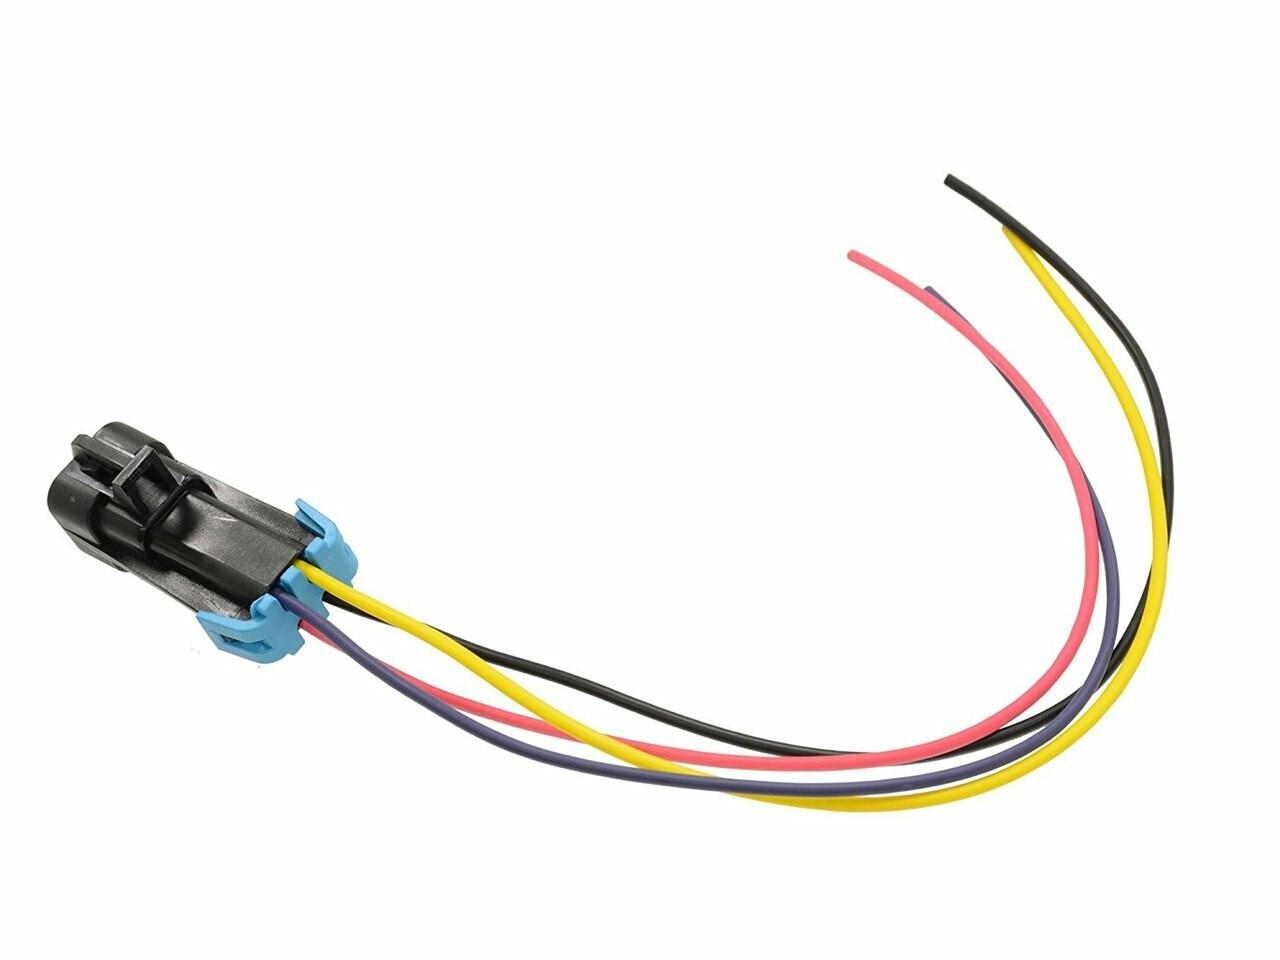 hight resolution of ls1 oxygen o2 sensor wiring connector pigtail 98 02 gm camaro firebird pt2374